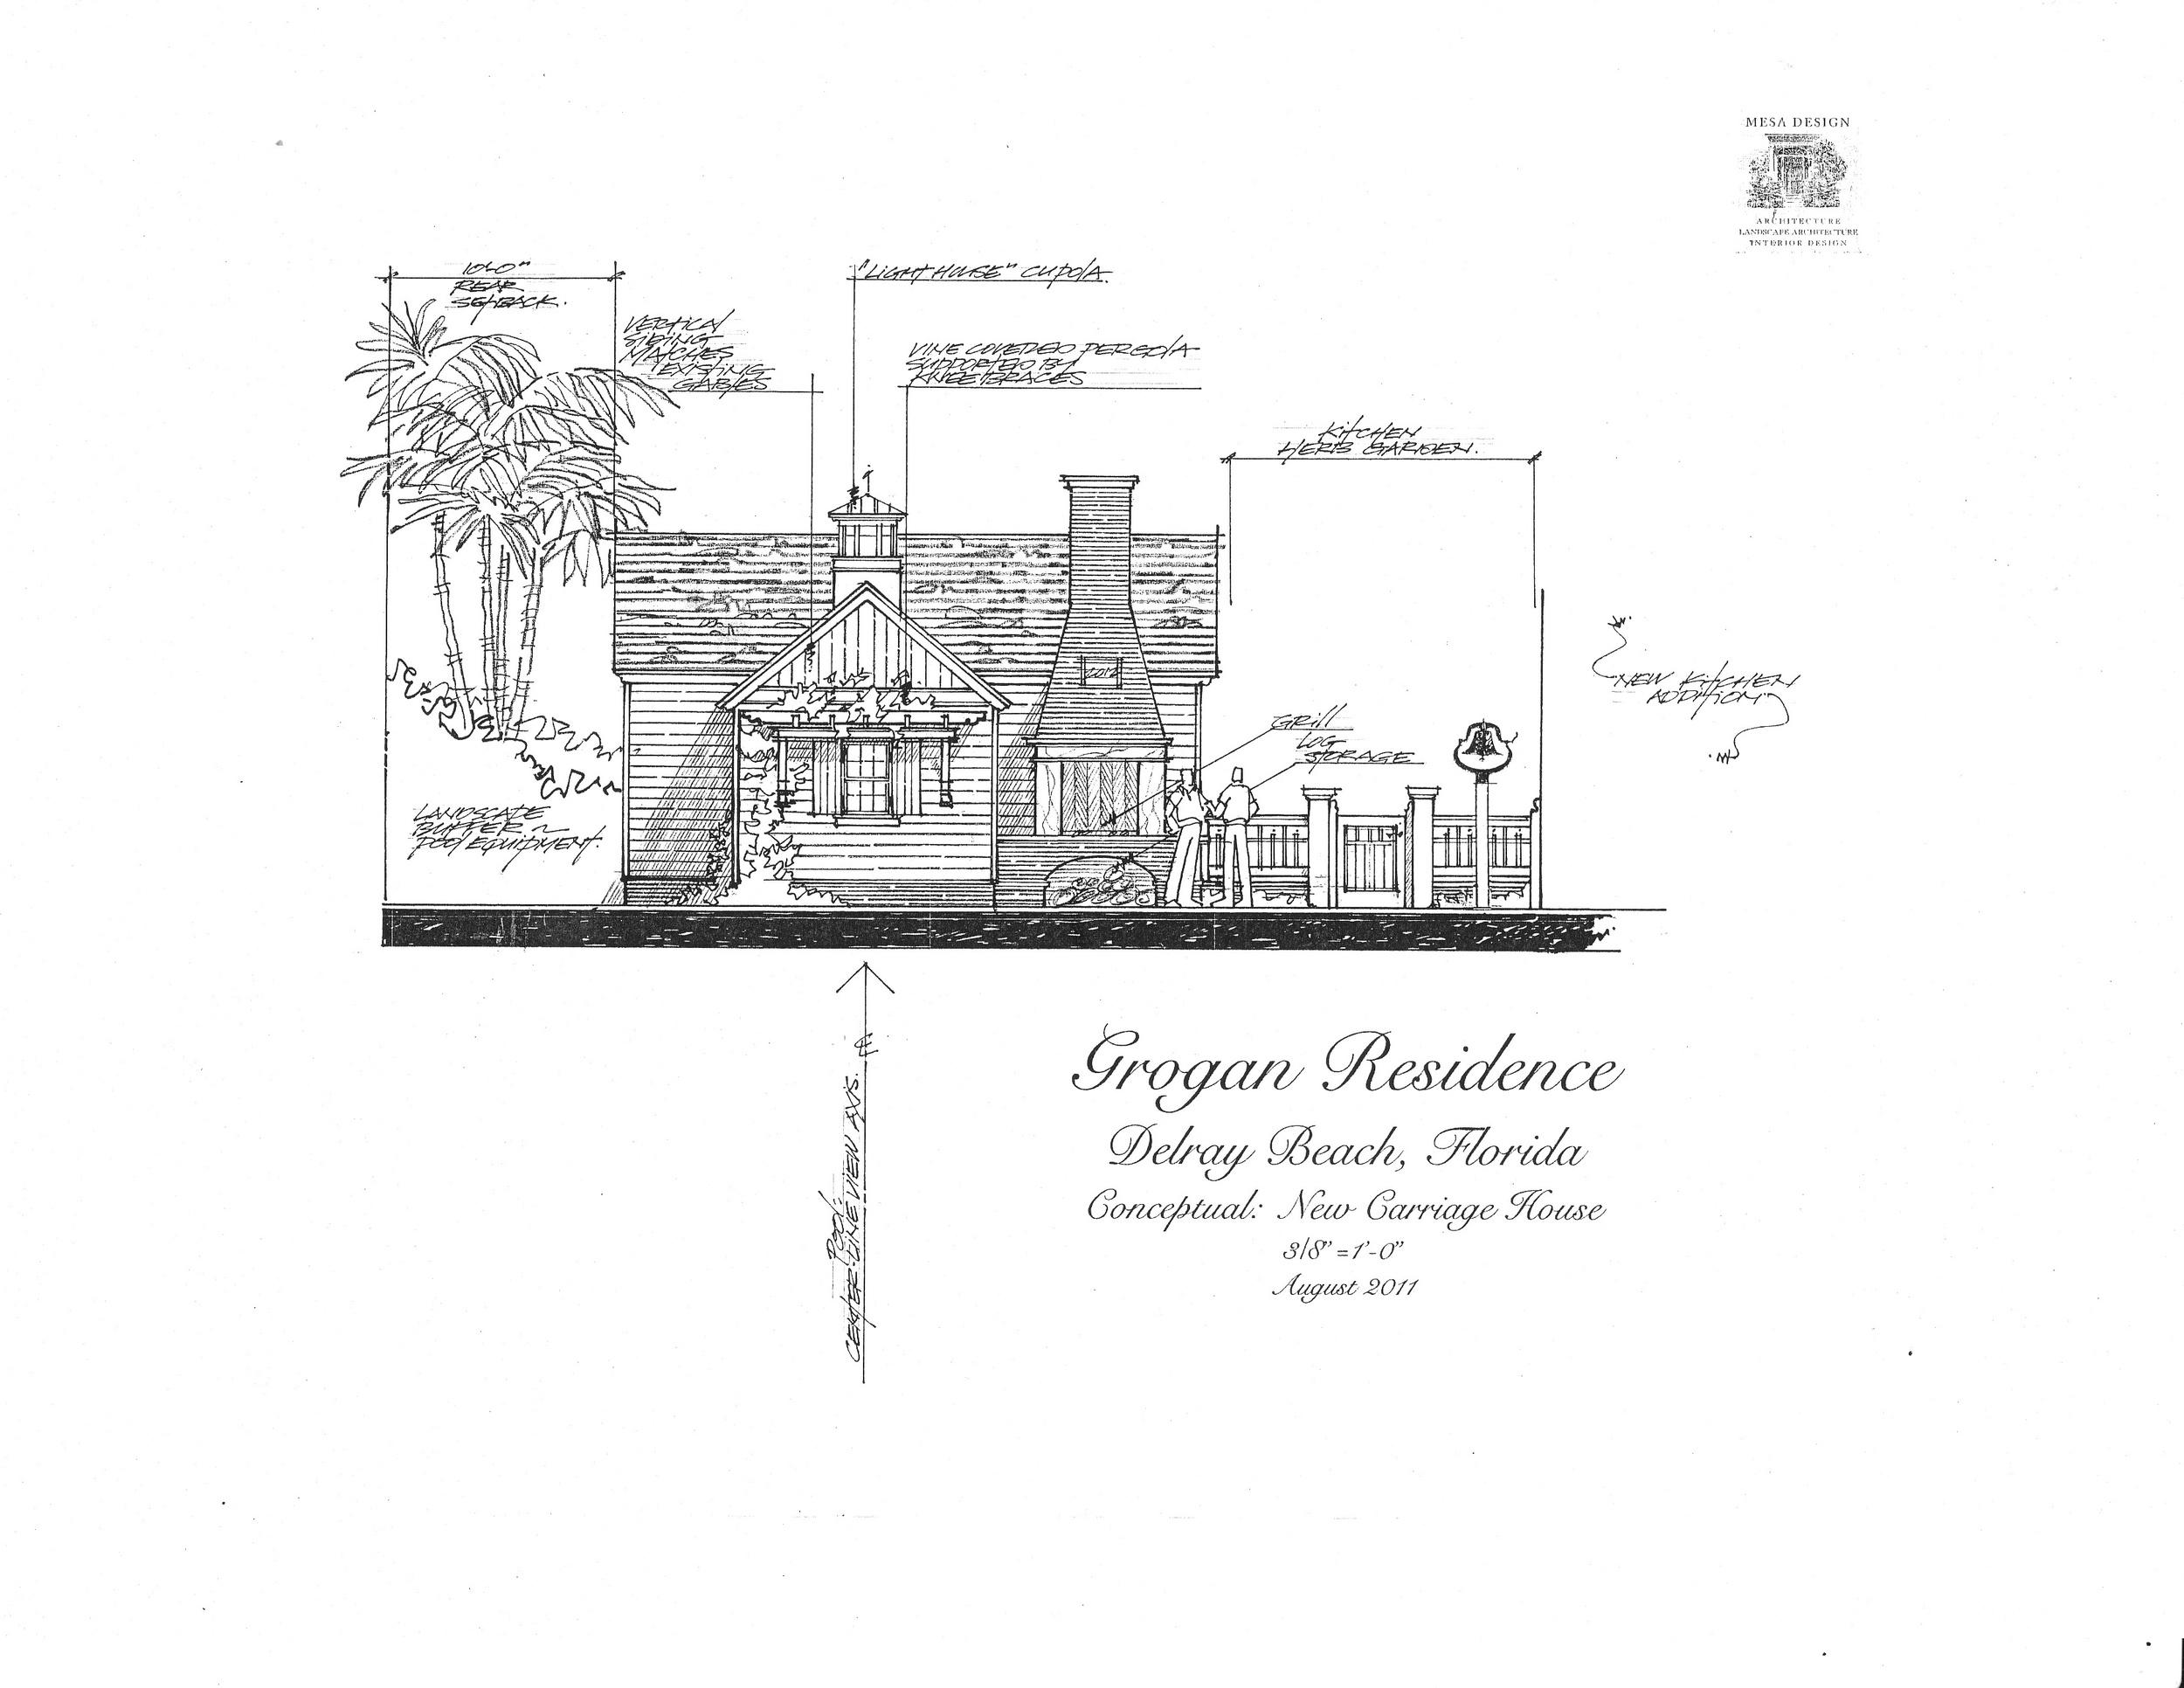 Grogan Residence (2).jpg